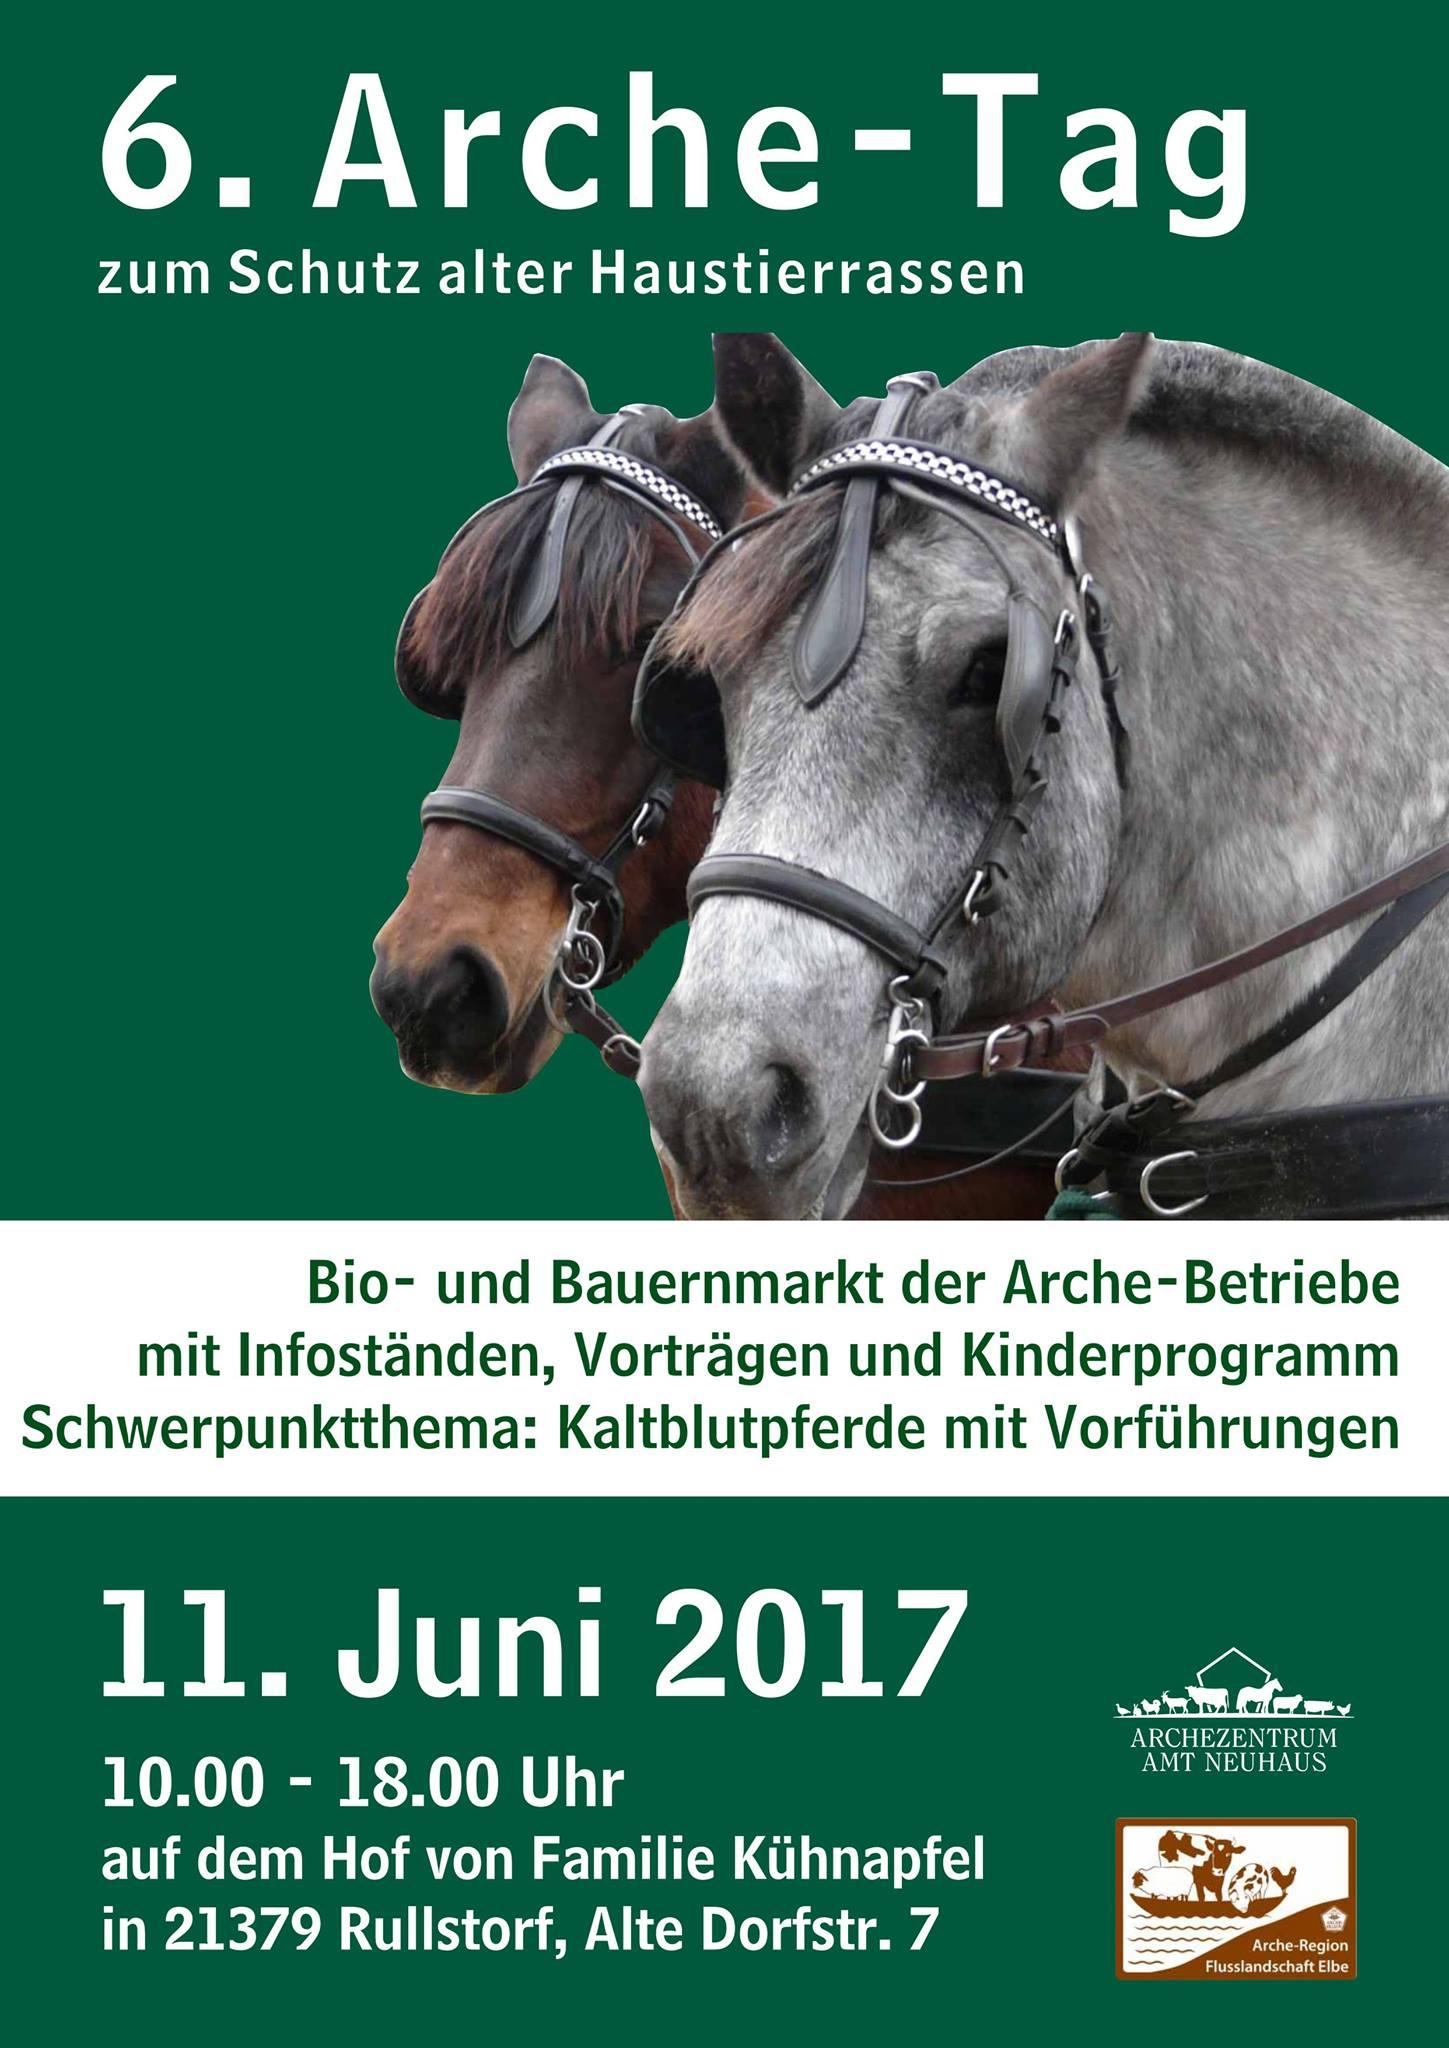 6. Arche-Tag der Arche-Region Flusslandschaft Elbe